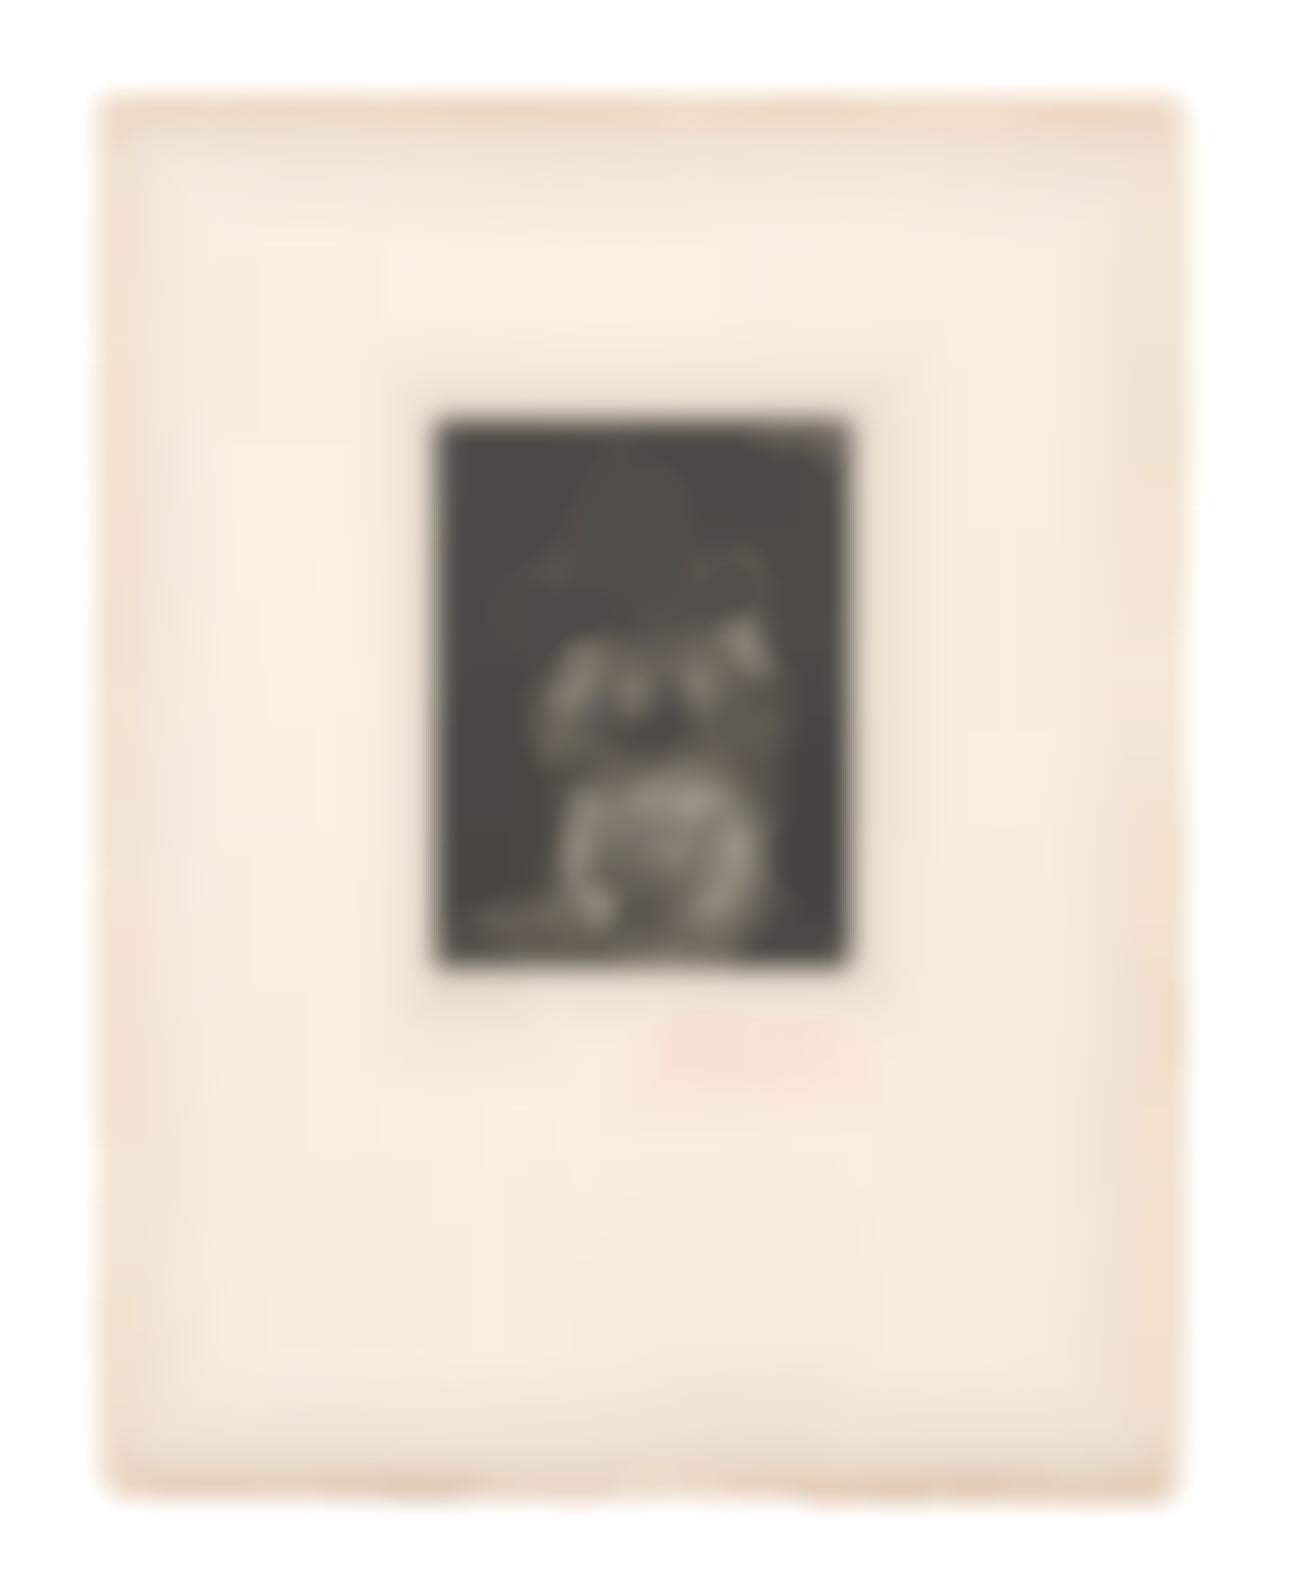 Pablo Picasso-Buste Dhomme Barbu Au Chapeau, From Lhospital De La Santa Creu I De Sant Pau (Bloch2014, Baer 1989, Cramer Books 151)-1971